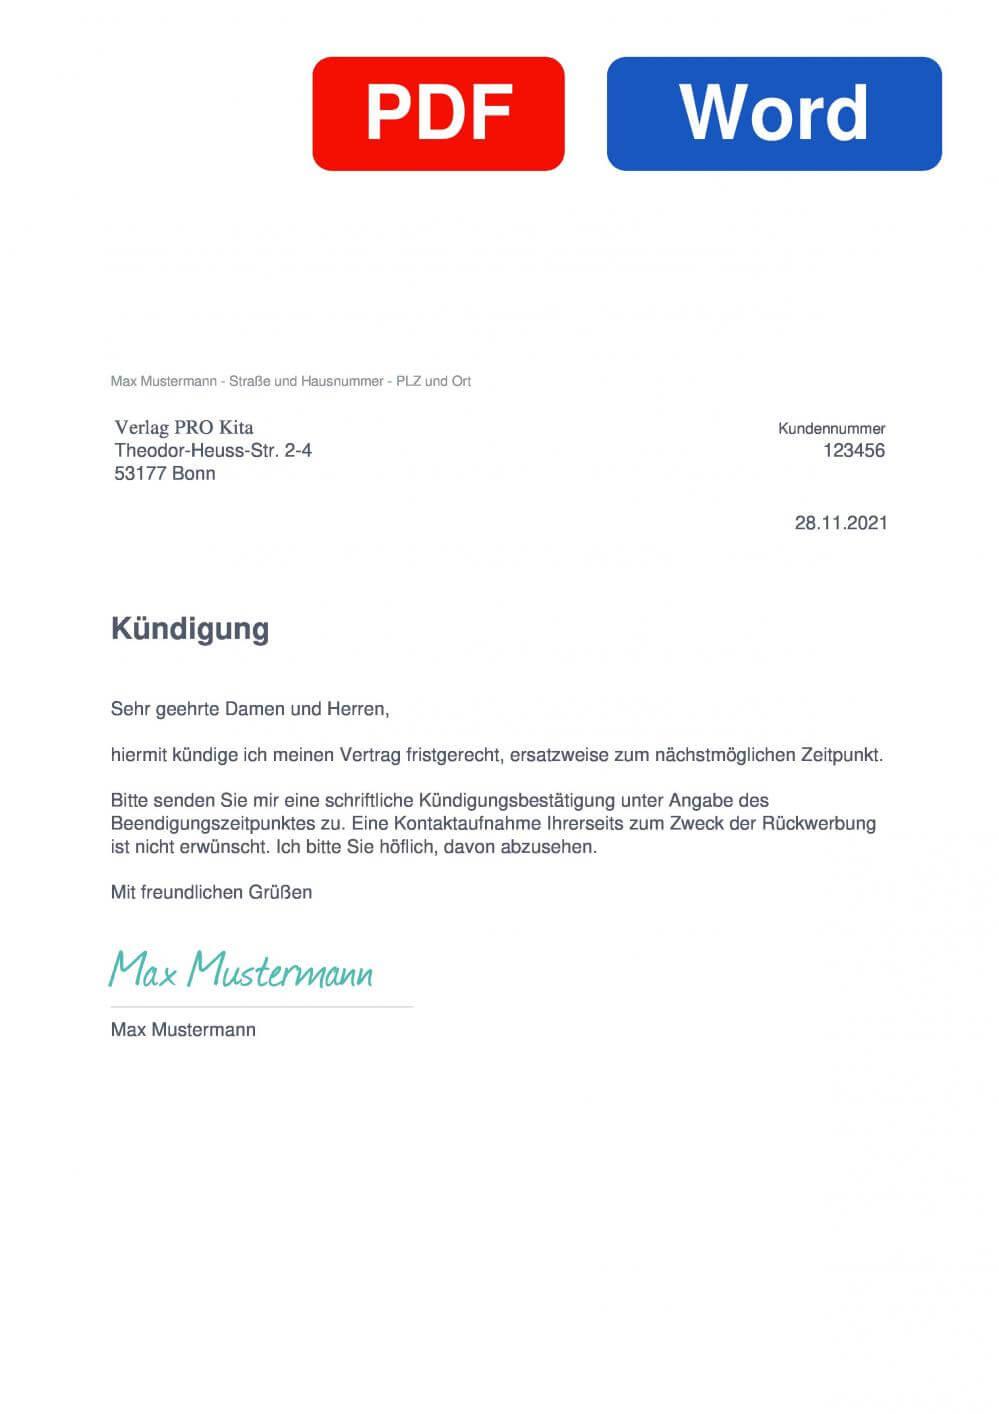 PRO Kita Muster Vorlage für Kündigungsschreiben